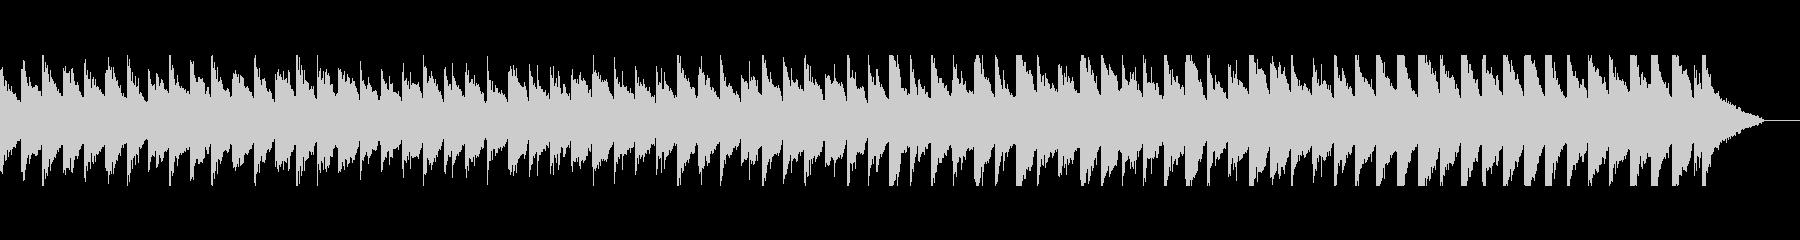 優しい雰囲気のアコギピアノセンチメンタルの未再生の波形